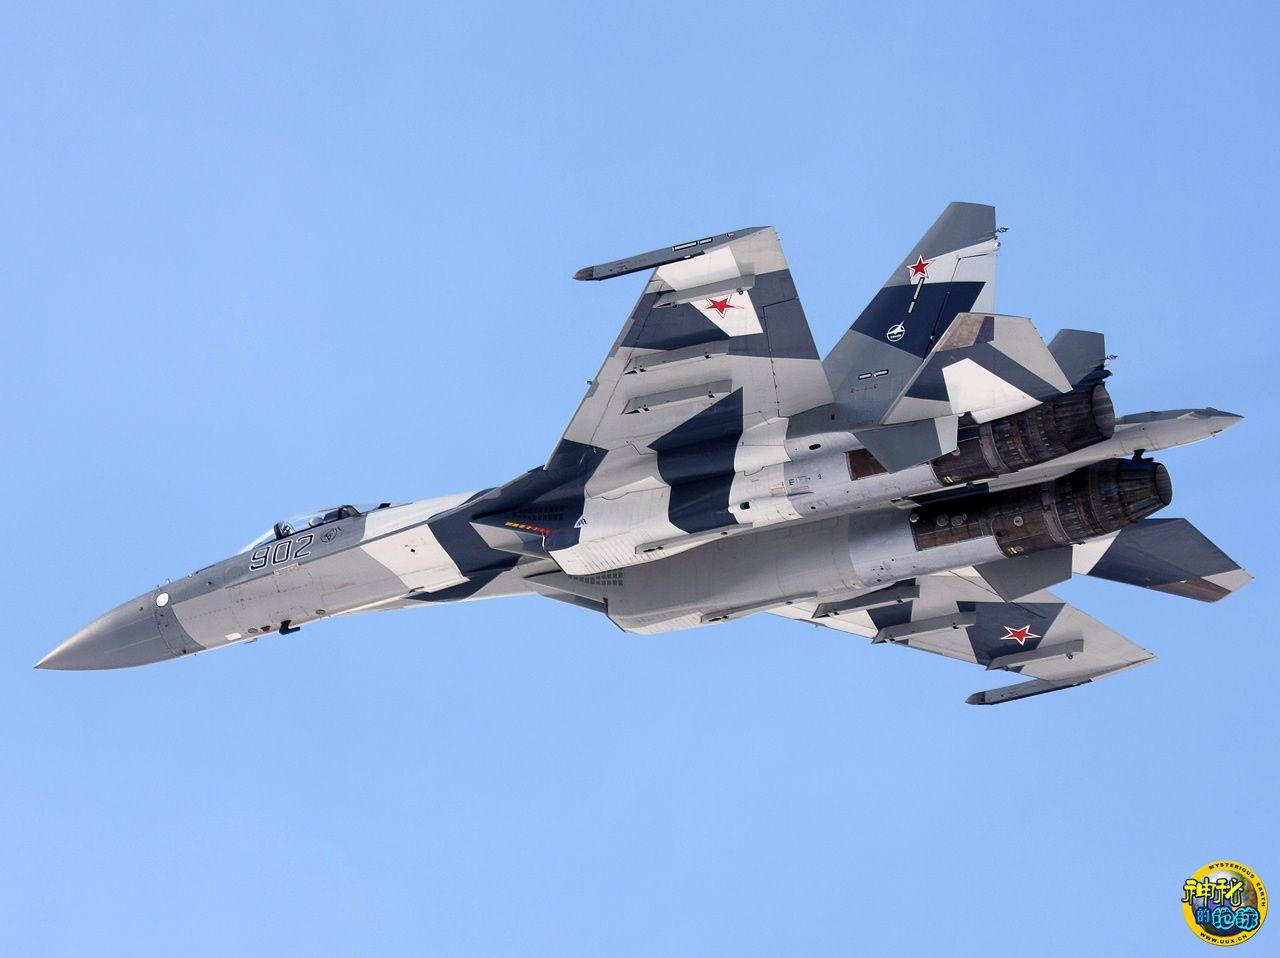 Fuerzas Armadas de la República Popular China - Página 2 Su-35+Russian+Fighter+Jet